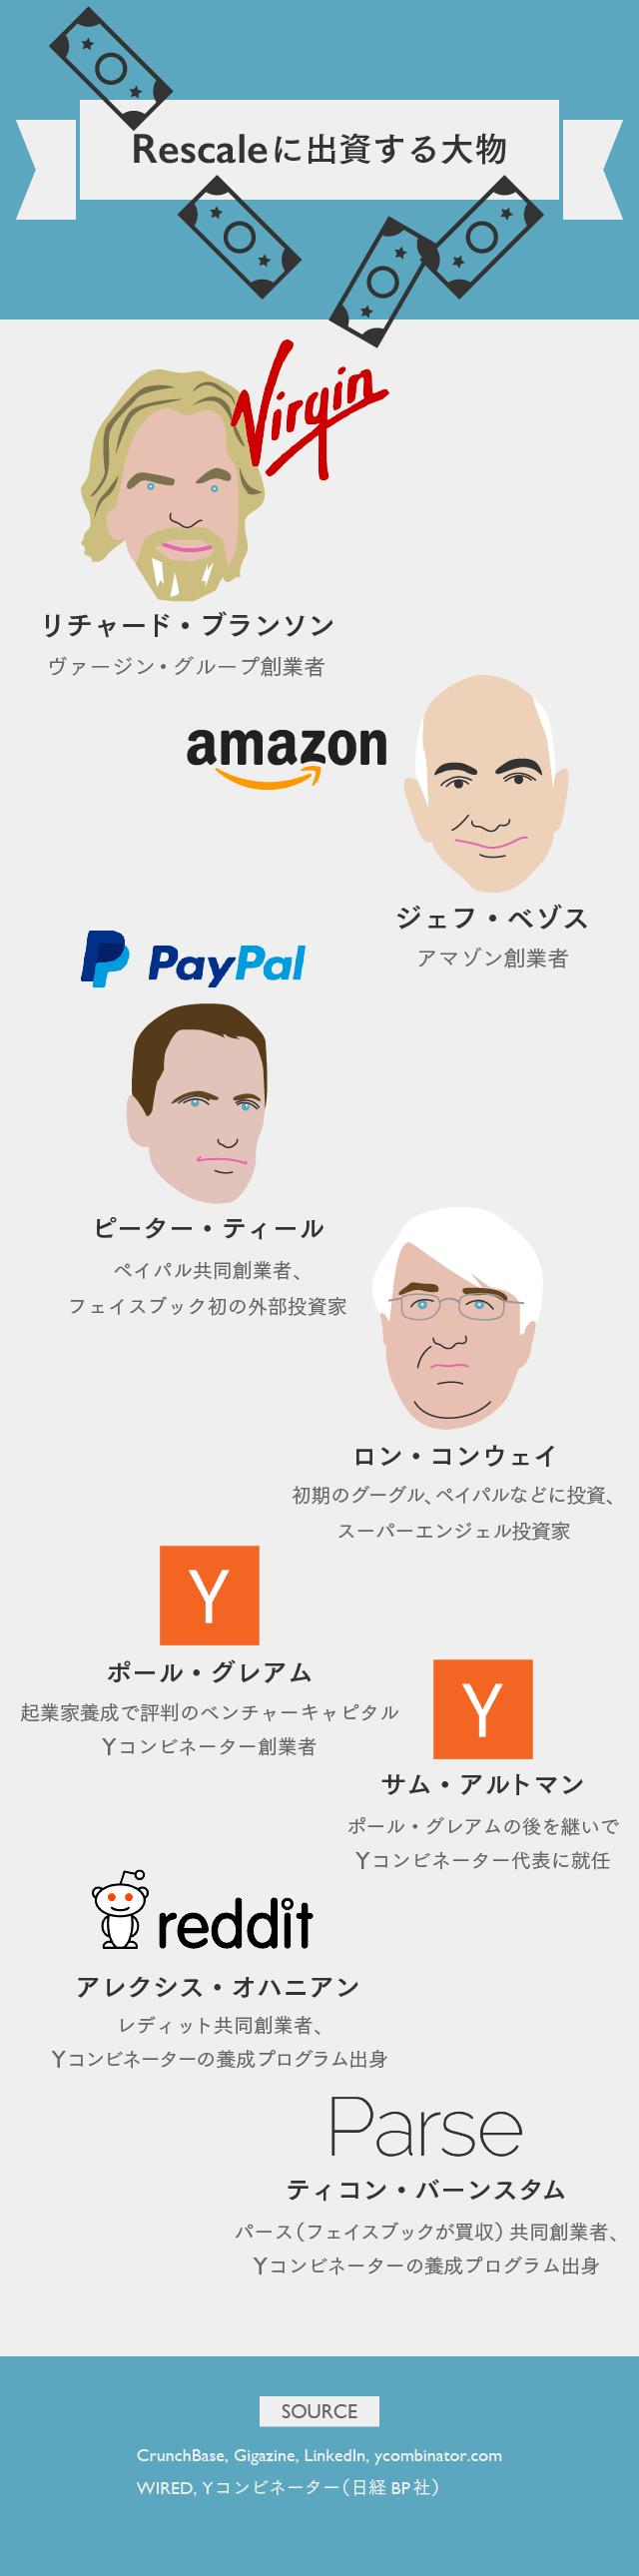 【マスター】Rescaleインフォグラフィック1_20150929-01